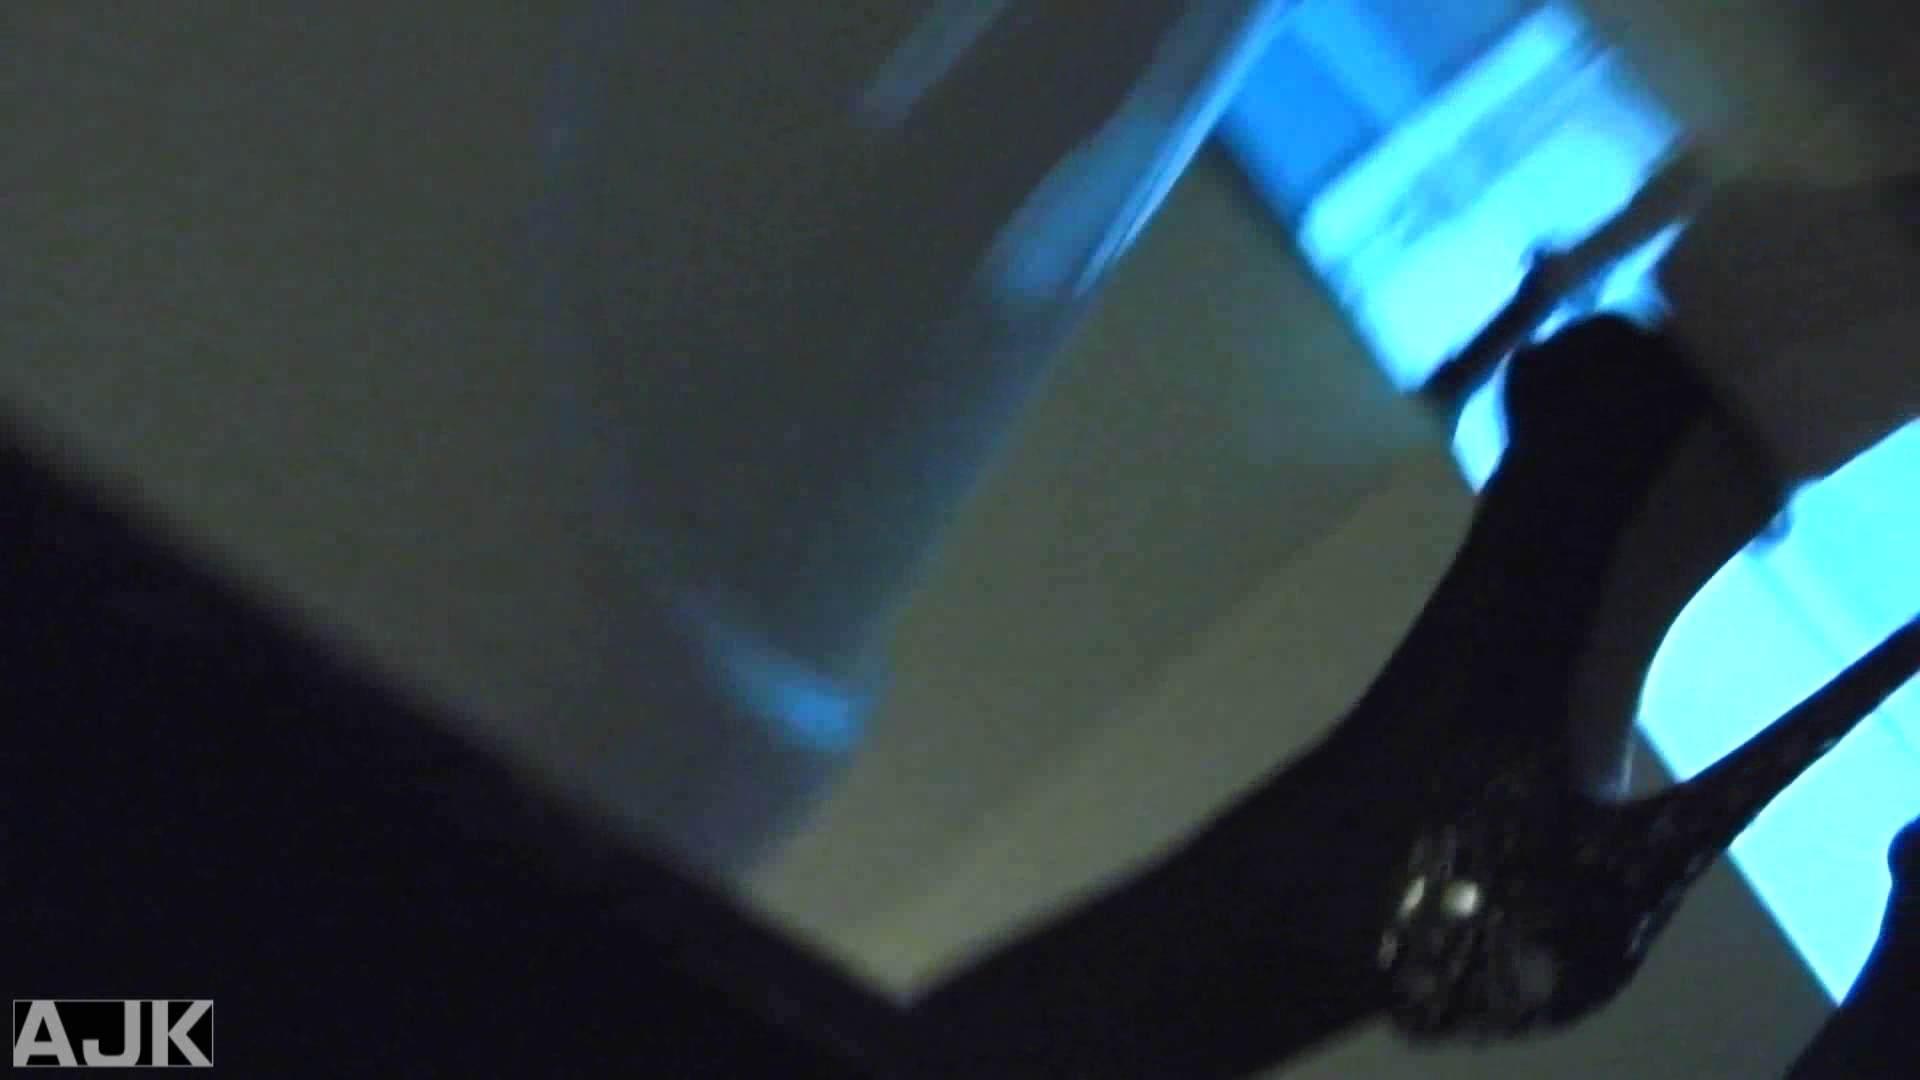 神降臨!史上最強の潜入かわや! vol.21 美しいOLの裸体 ワレメ無修正動画無料 103pic 79